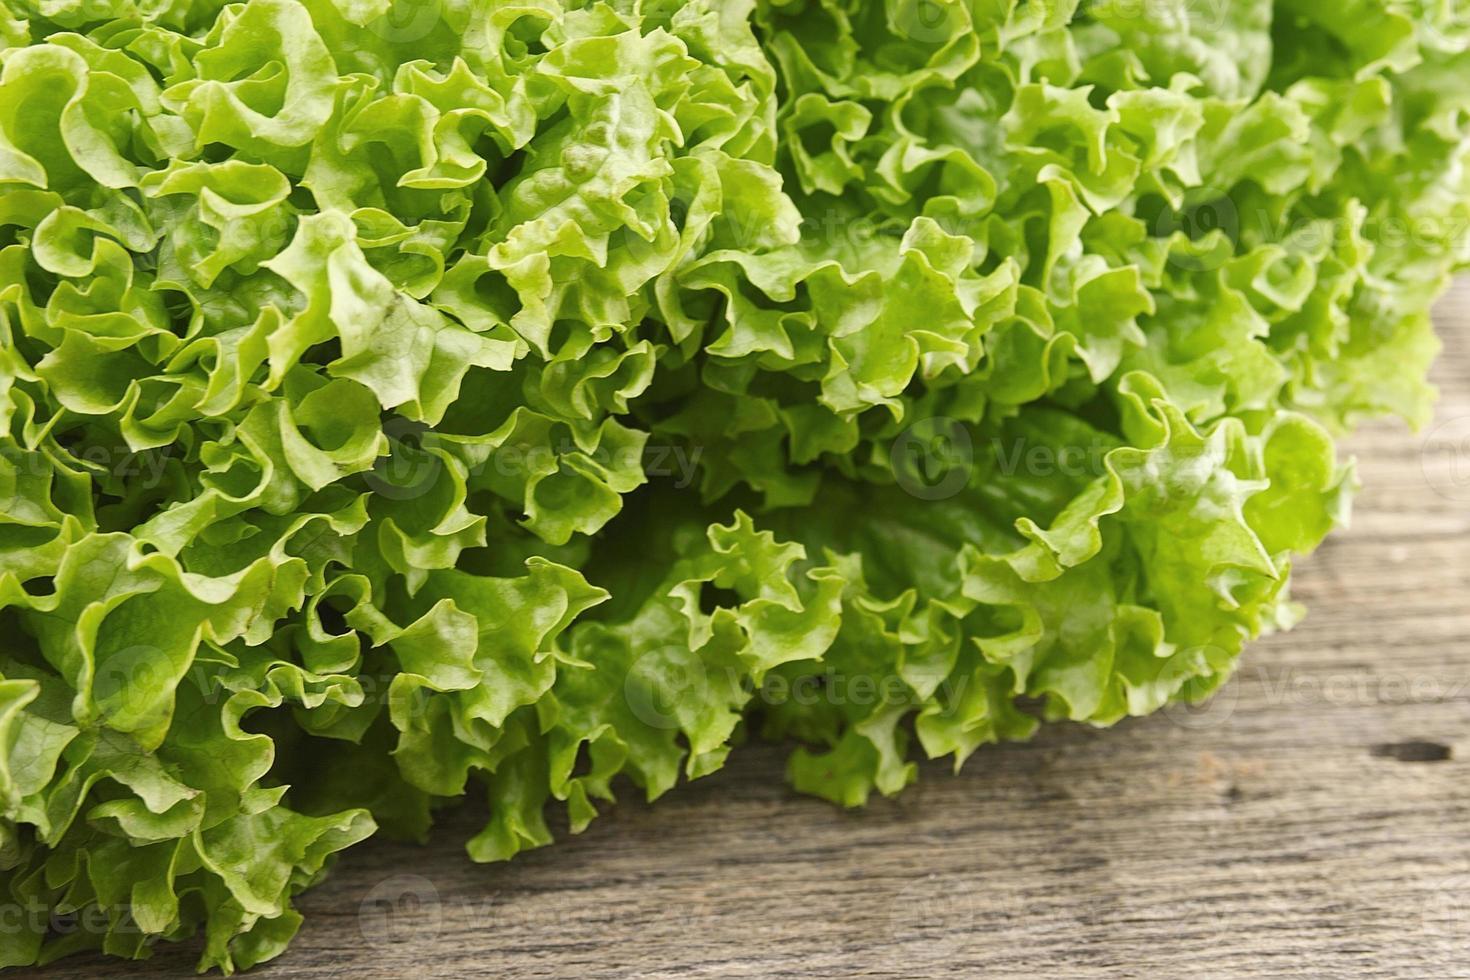 frischer grüner Salatsalat auf hölzernem Hintergrund. gesundes Essen foto